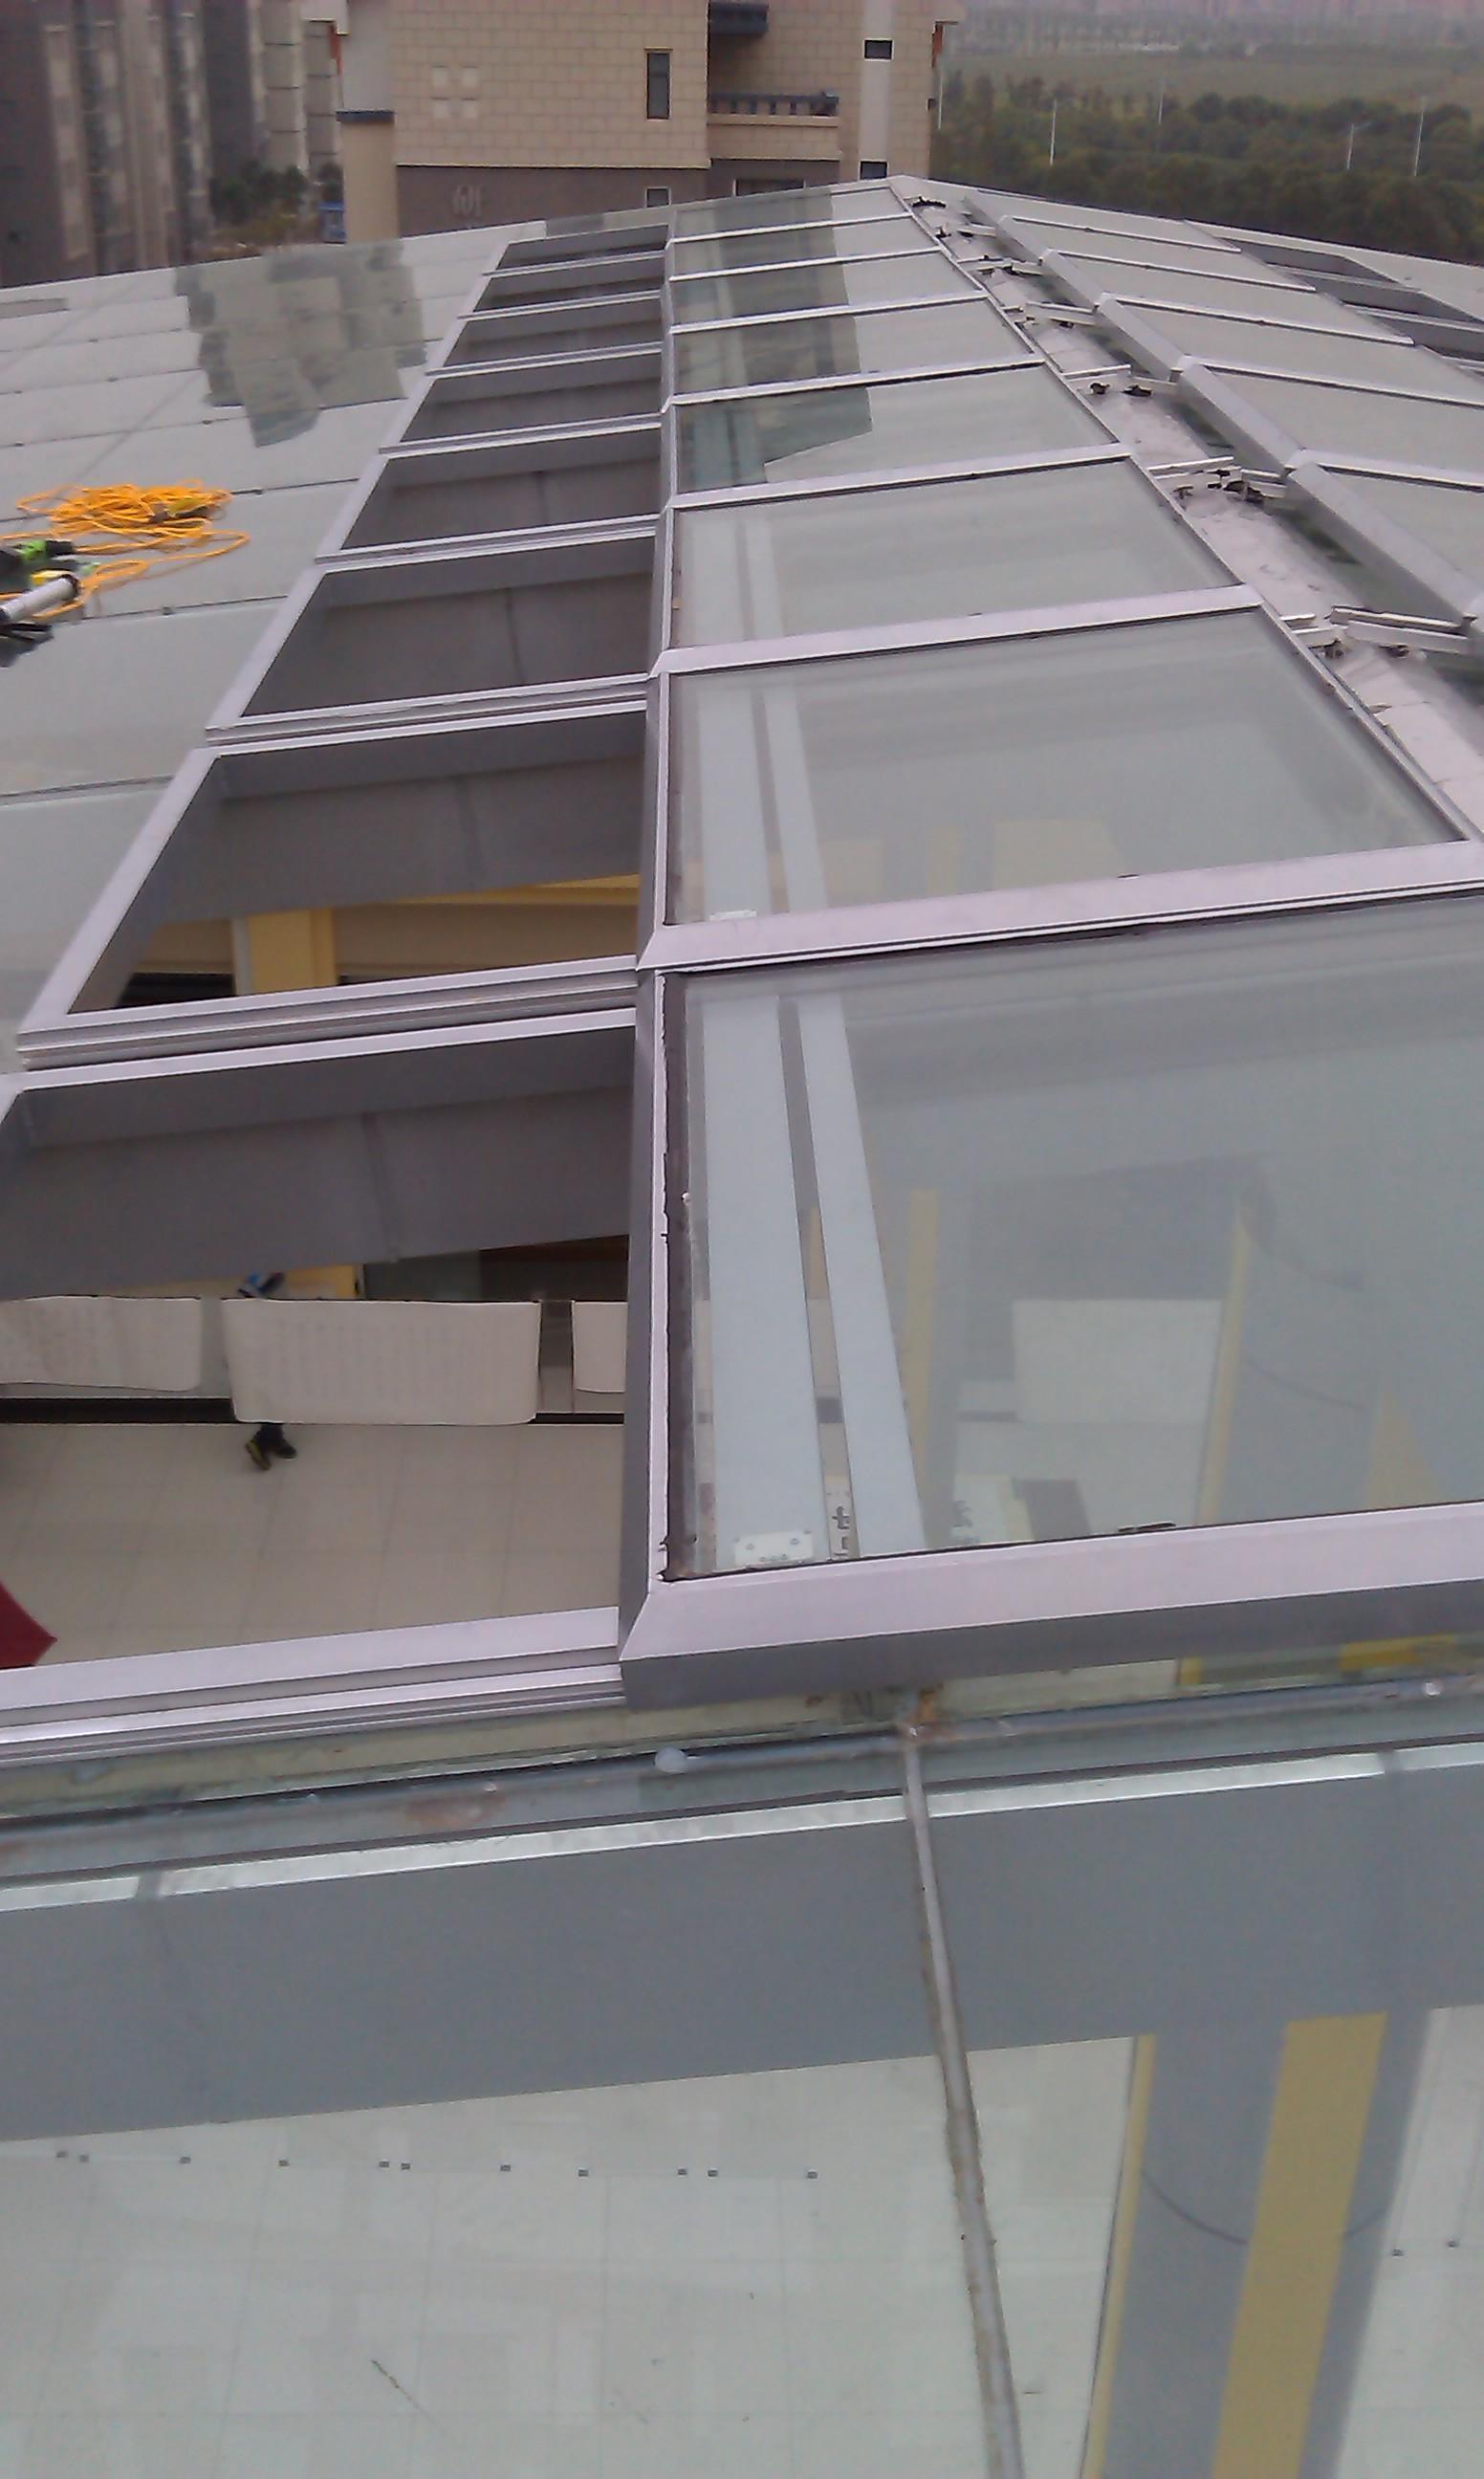 上海海洋学院平移排烟天窗